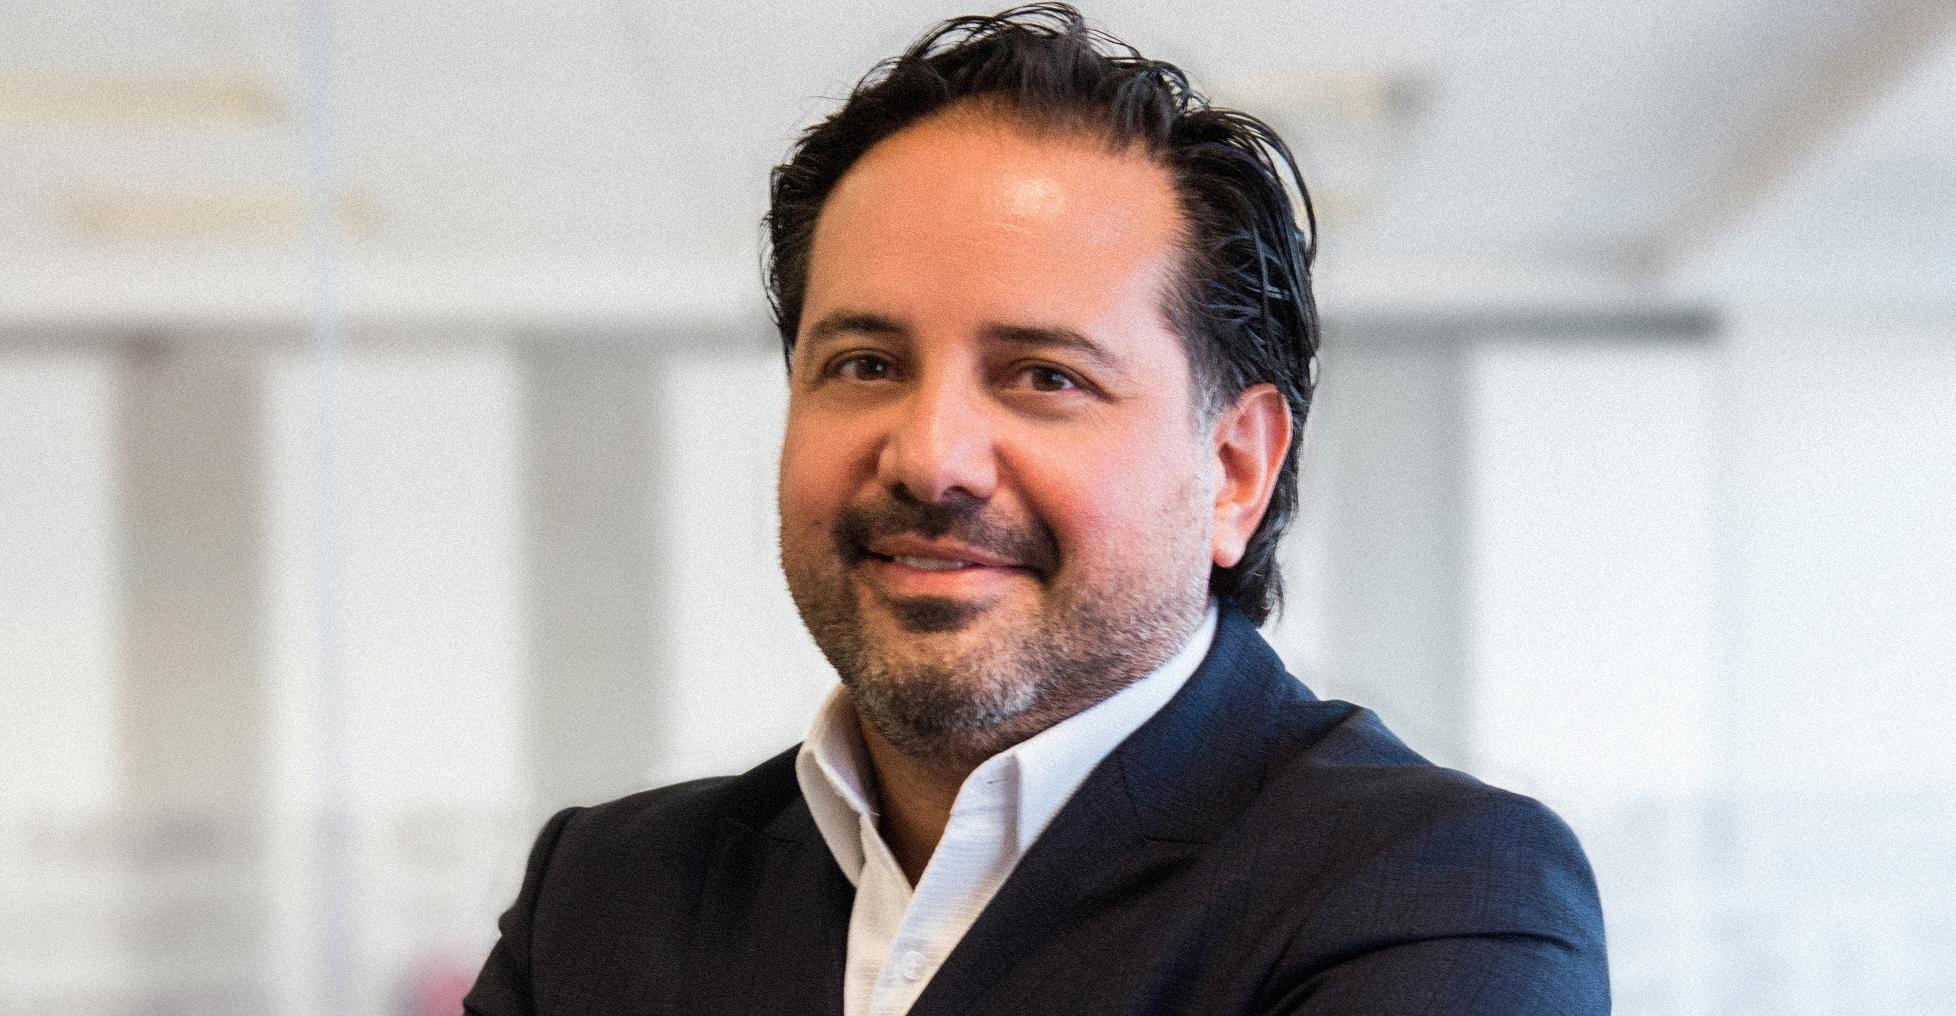 Penti'de Perakende Grup Başkanı olarak görev yapan Mert Karaibrahimoğlu, CEO'luğa atandı.